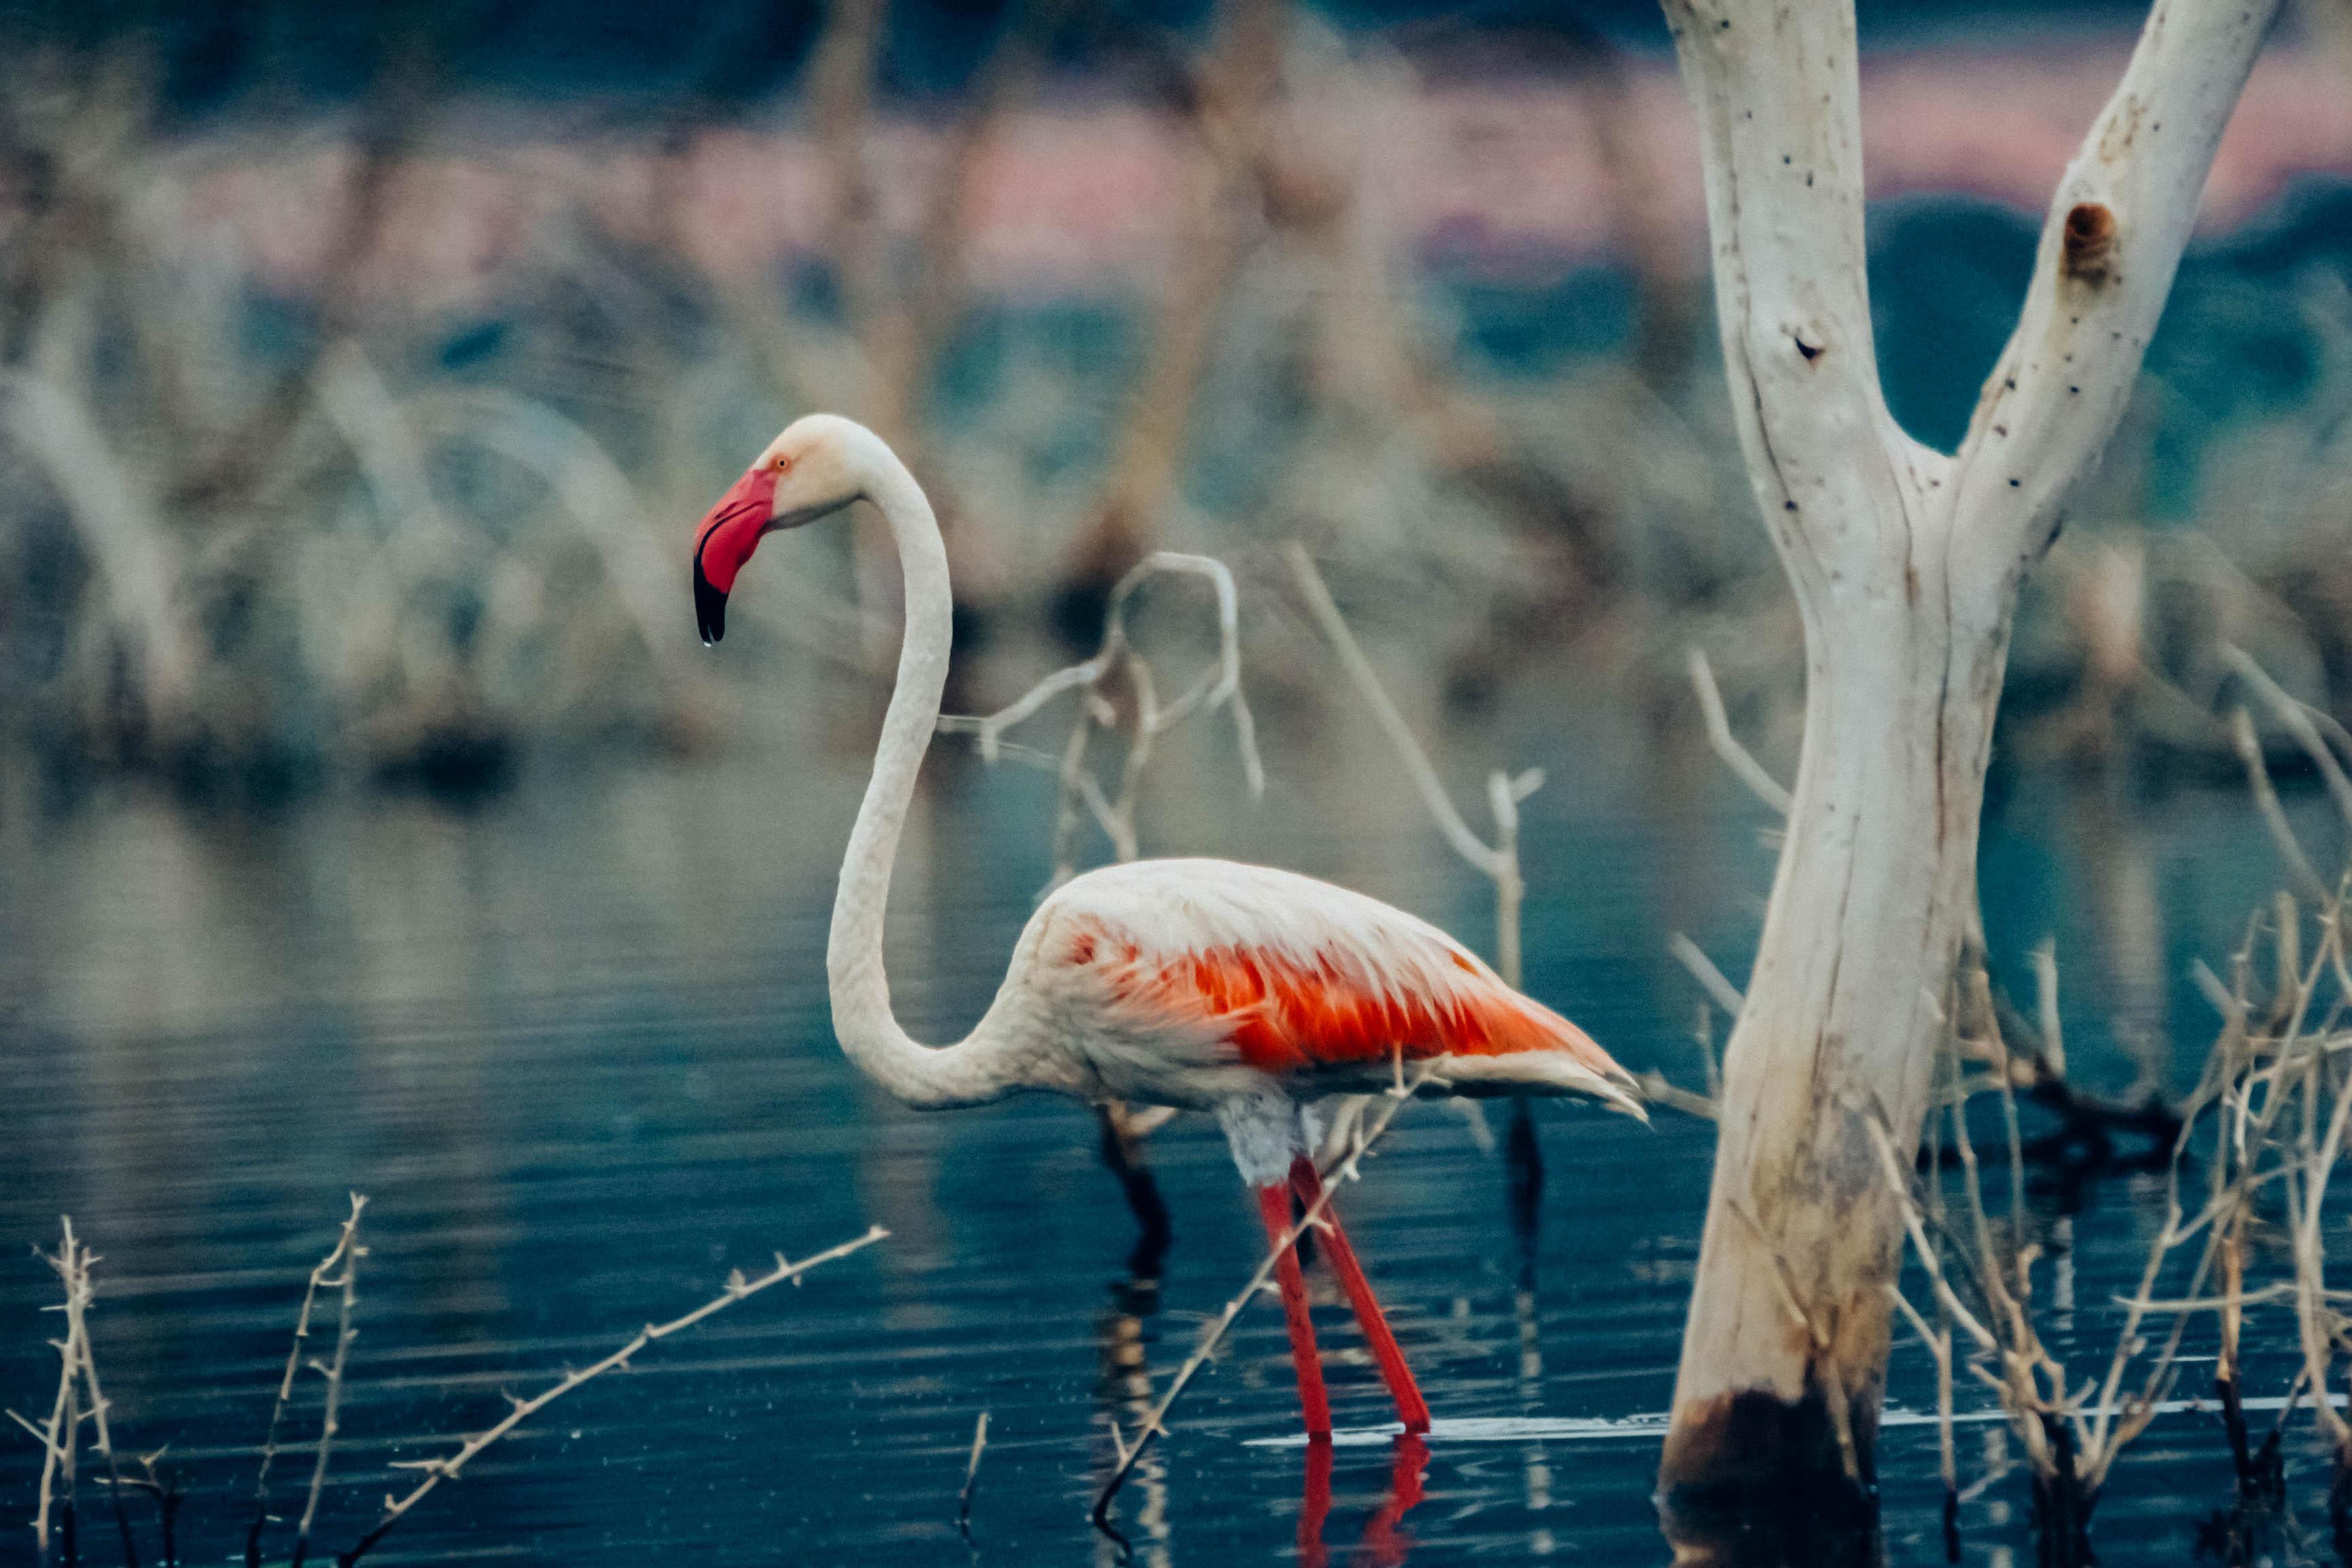 去肯尼亚拍摄野生动物,需要准备哪些摄影器材?